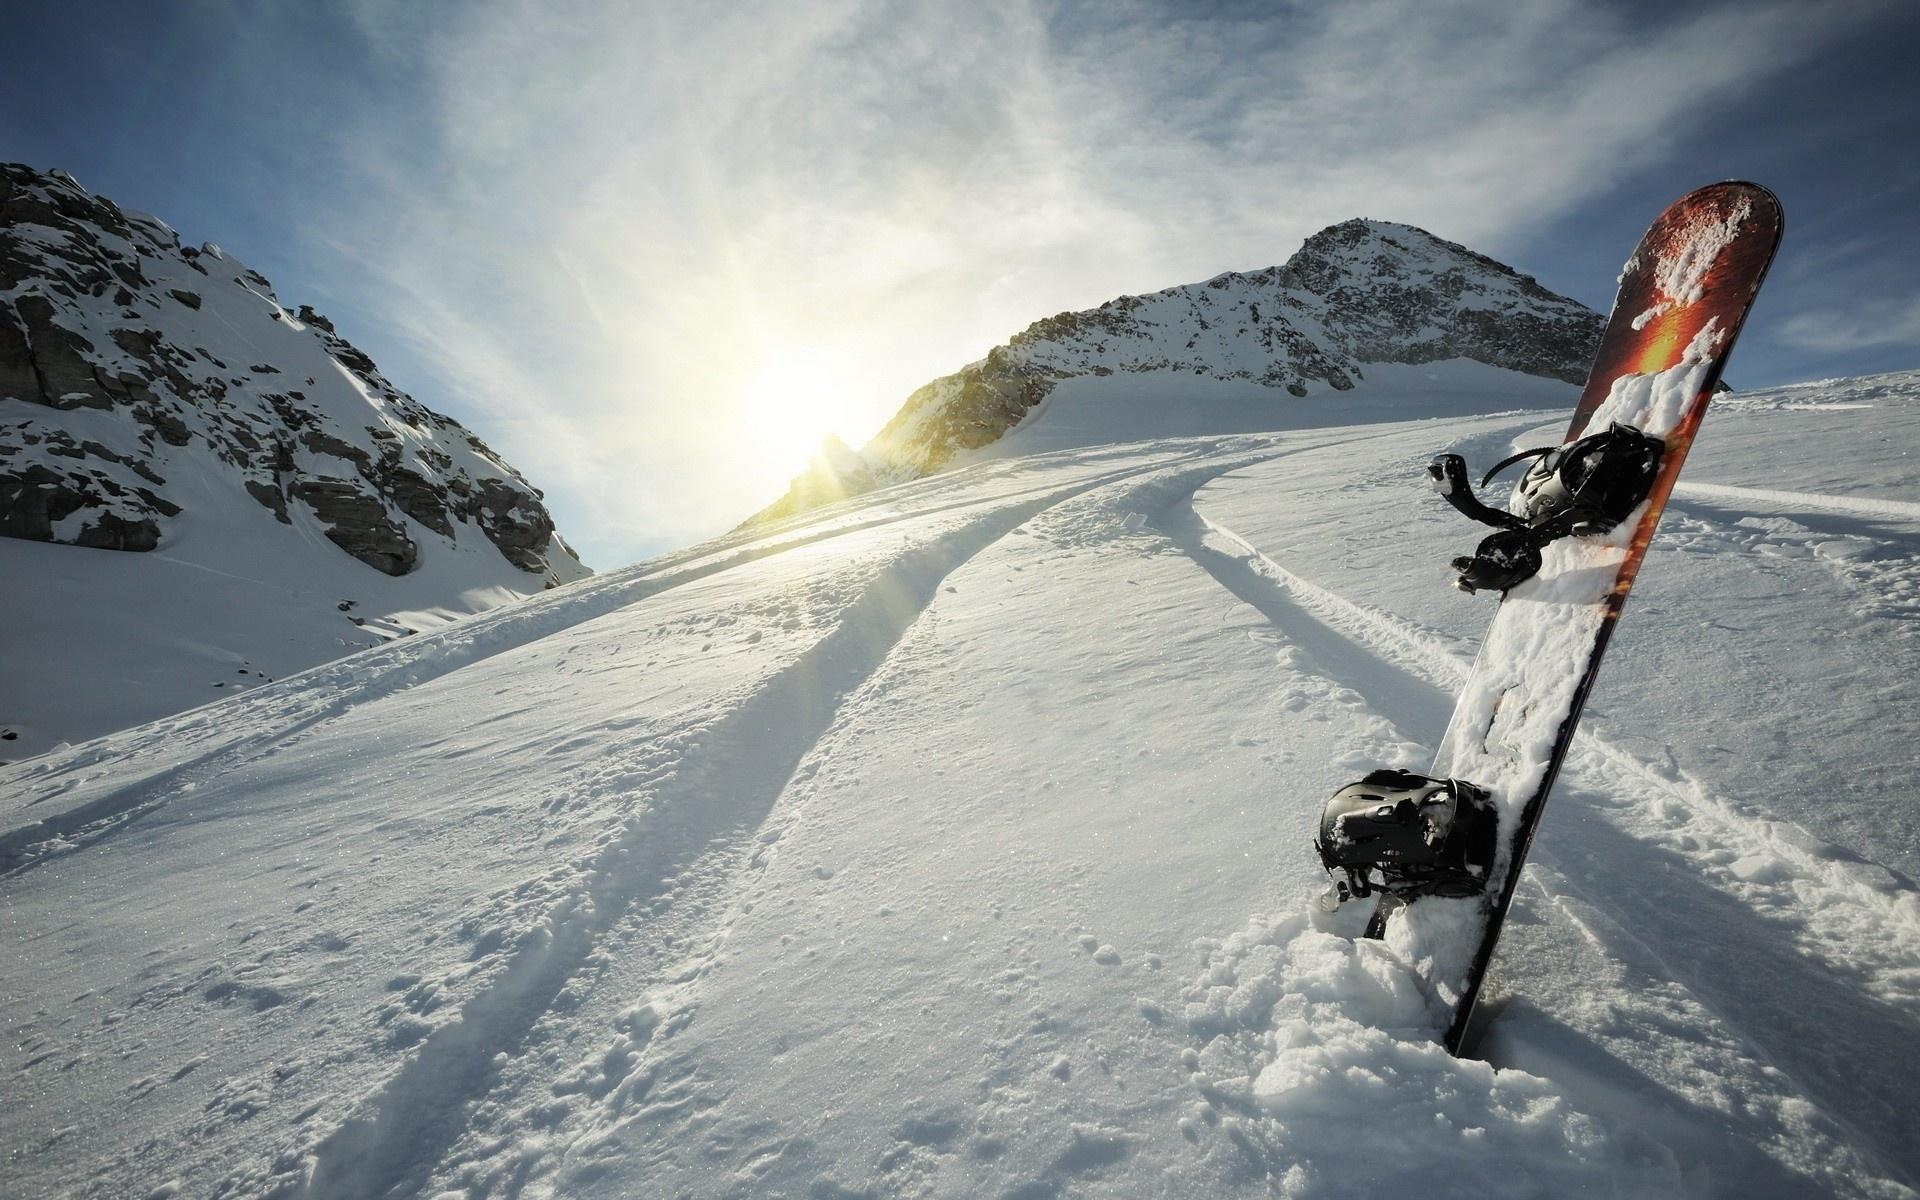 Сноубордист из Екатеринбурга погиб на горнолыжном спуске в Башкирии